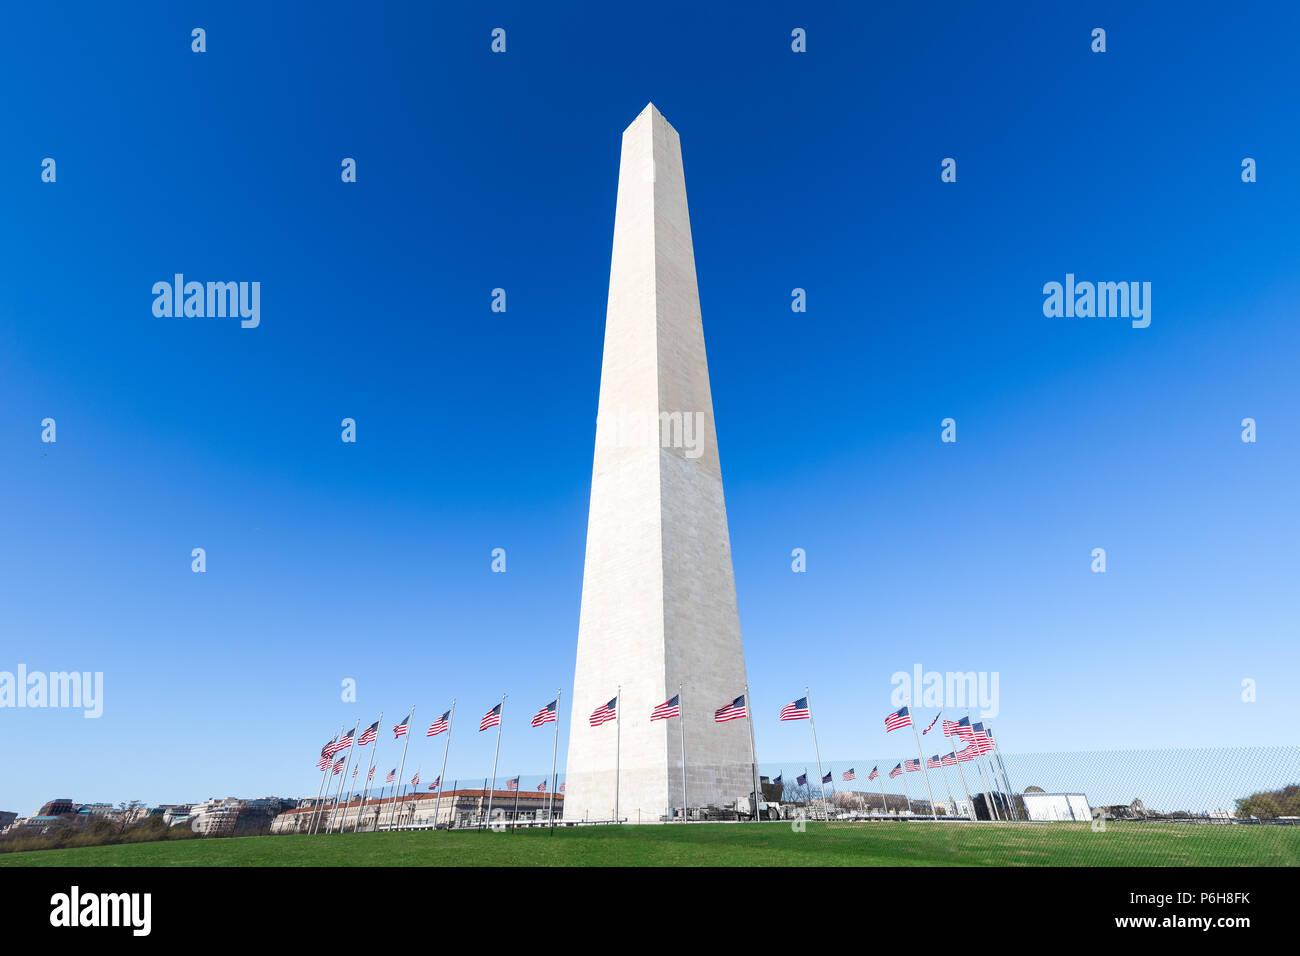 Il Monumento a Washington al National Mall con cielo blu chiaro, Washington DC, Stati Uniti d'America Foto Stock